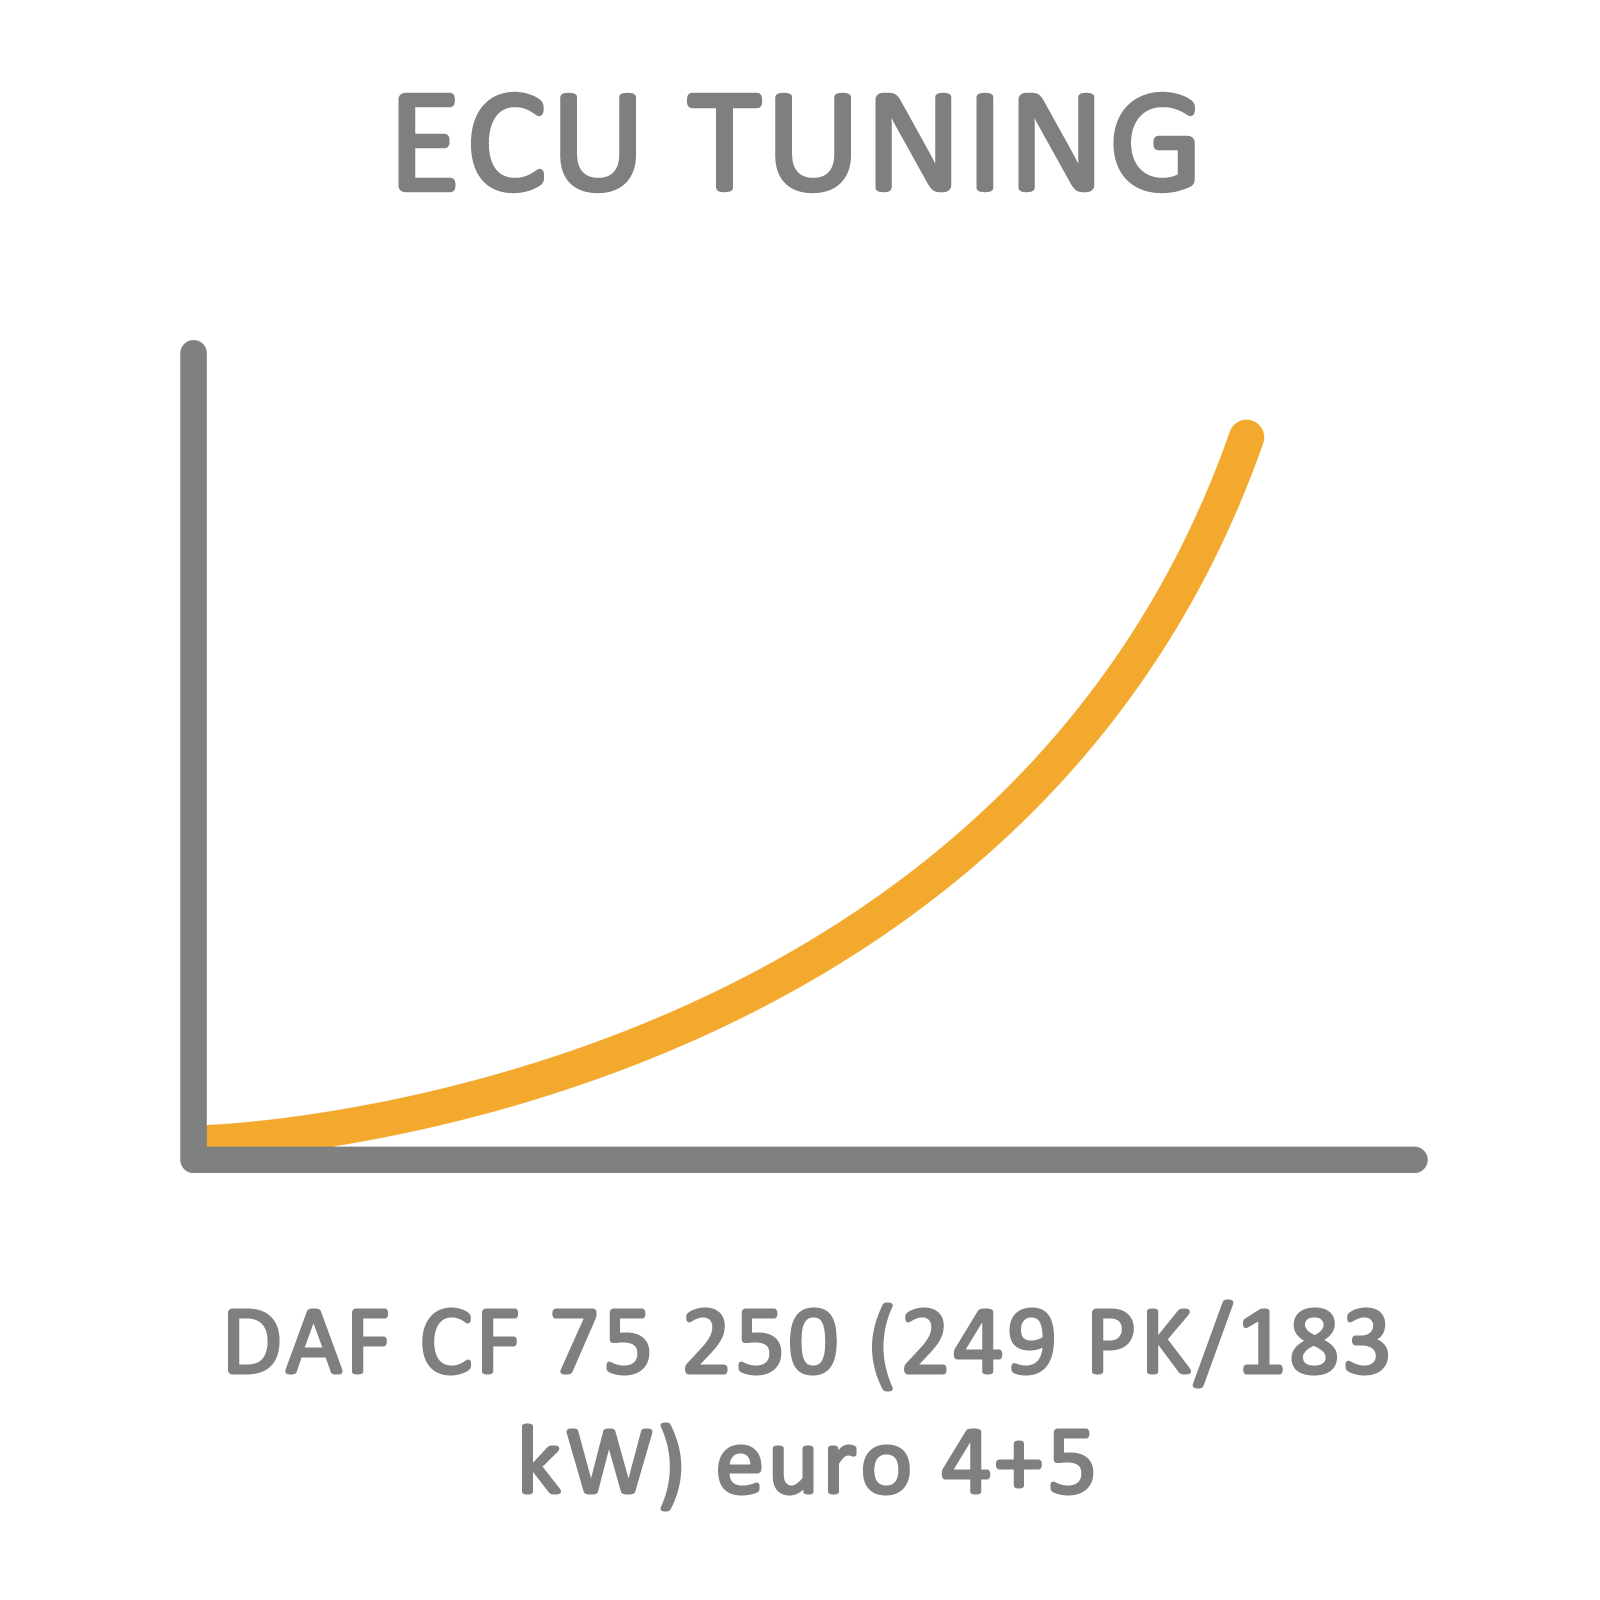 DAF CF 75 250 (249 PK/183 kW) euro 4+5 ECU Tuning